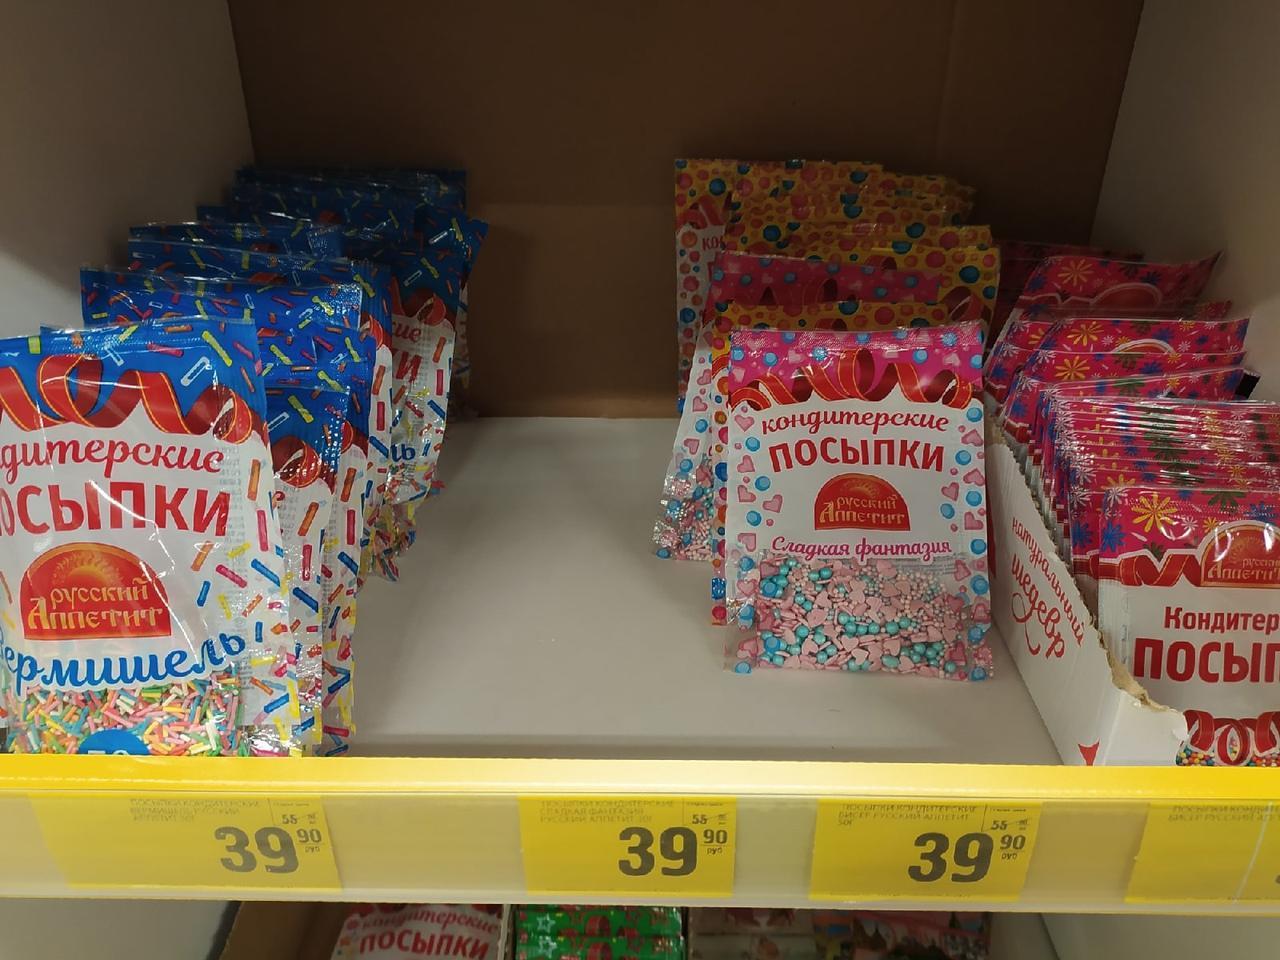 фото Куличи и красители для яиц к Пасхе: обзор цен на праздничные товары в Новосибирске 13